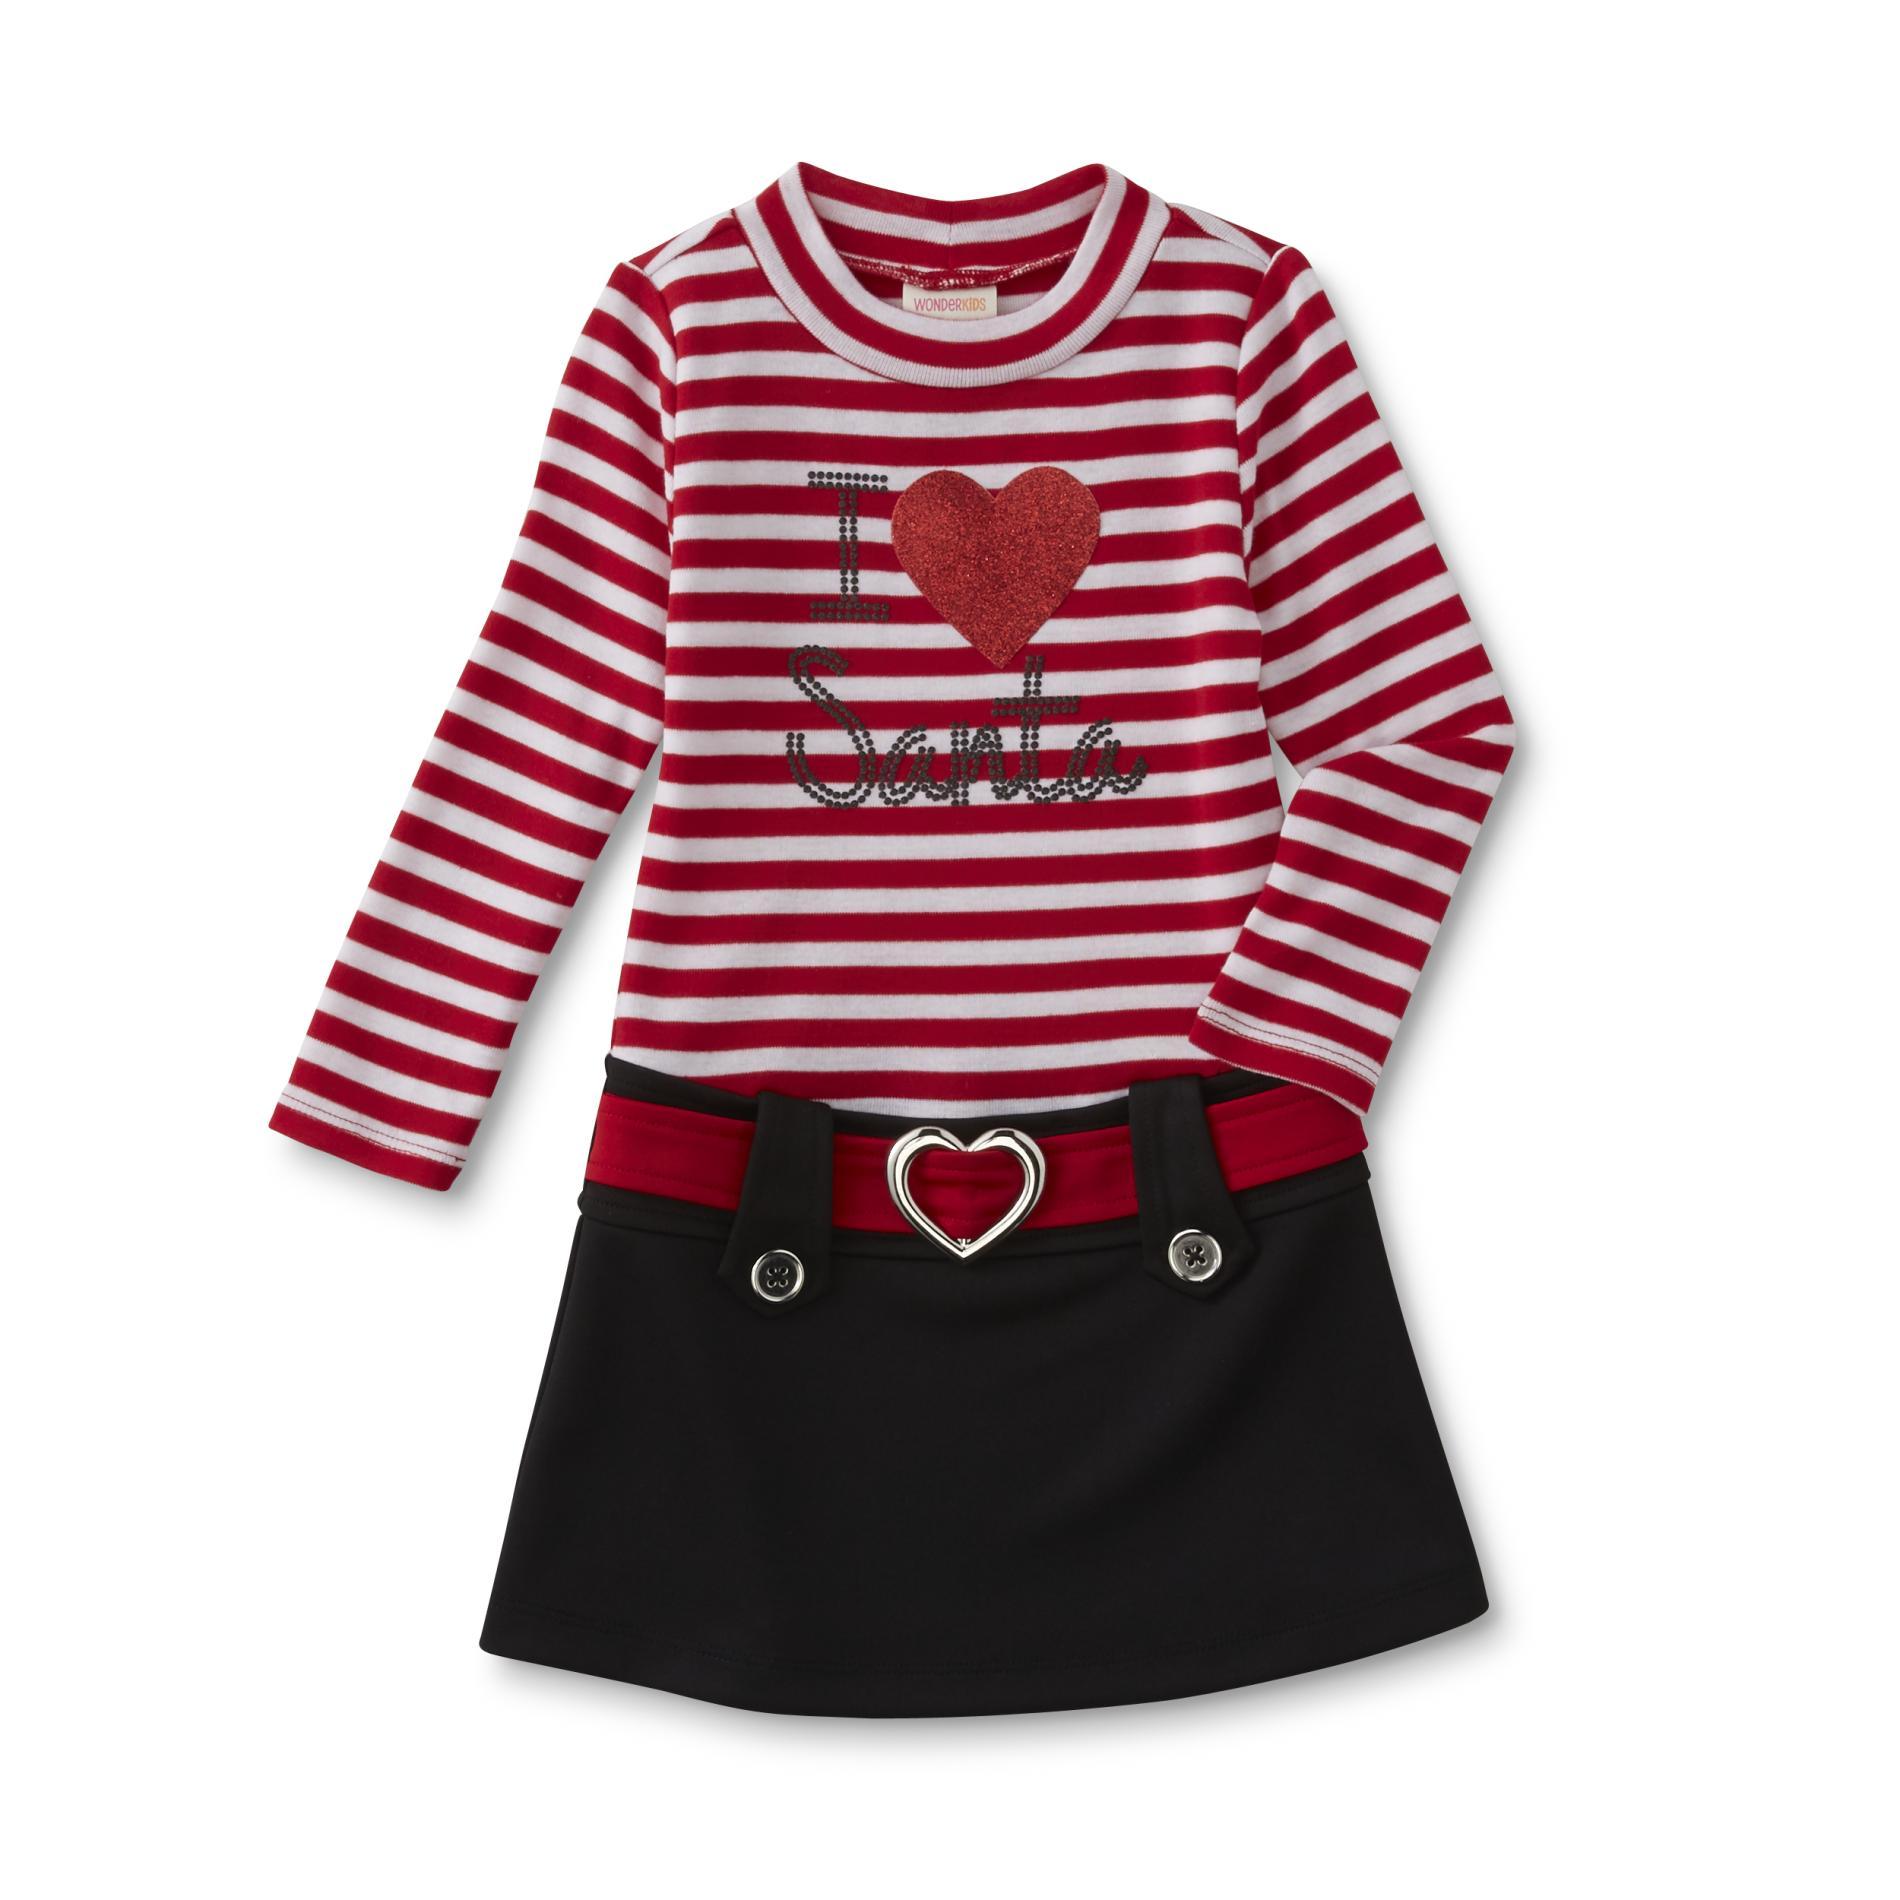 Infant & Toddler Girl's Christmas Marsha Dress - Santa